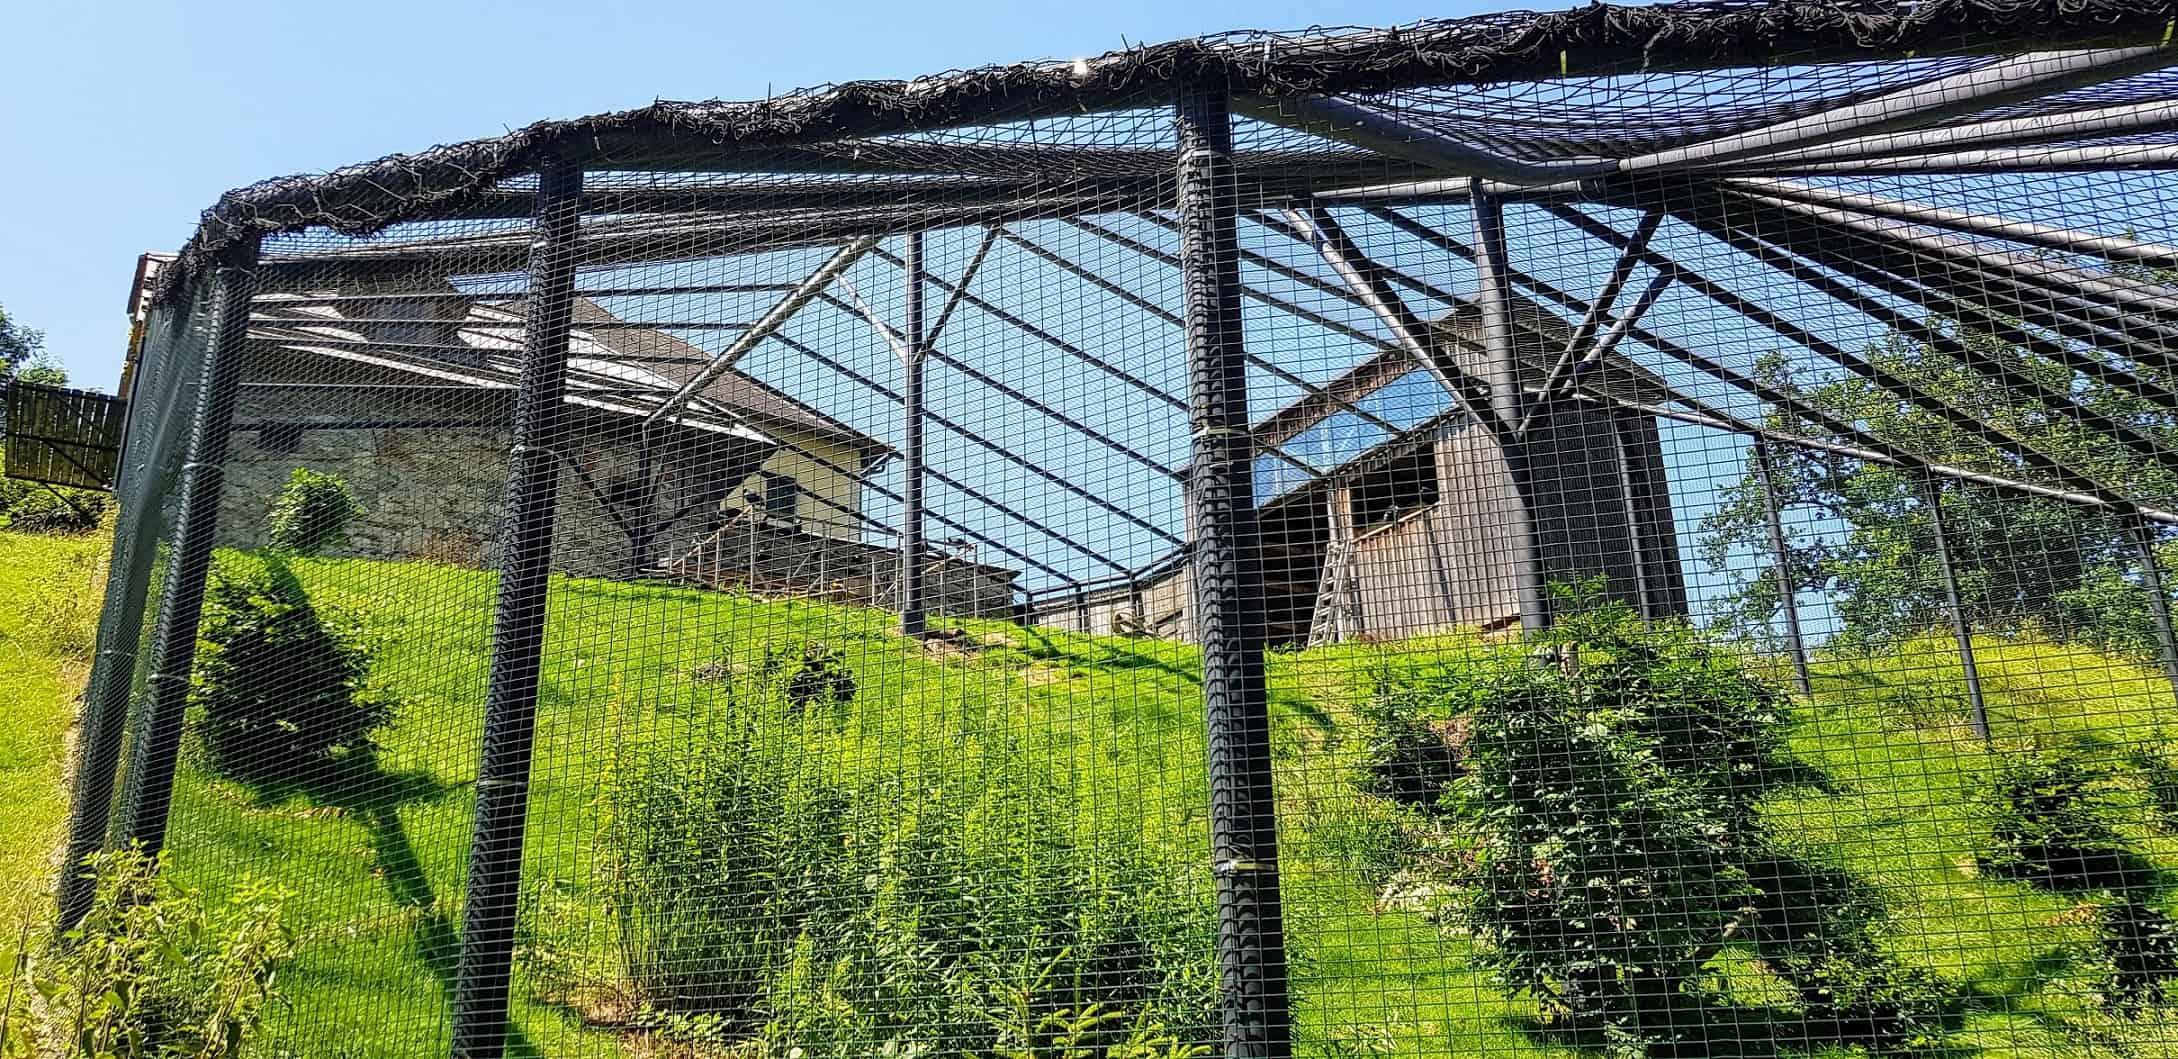 Waldrapp-Gehege Tierpark Schloss Labyrinth Rosegg